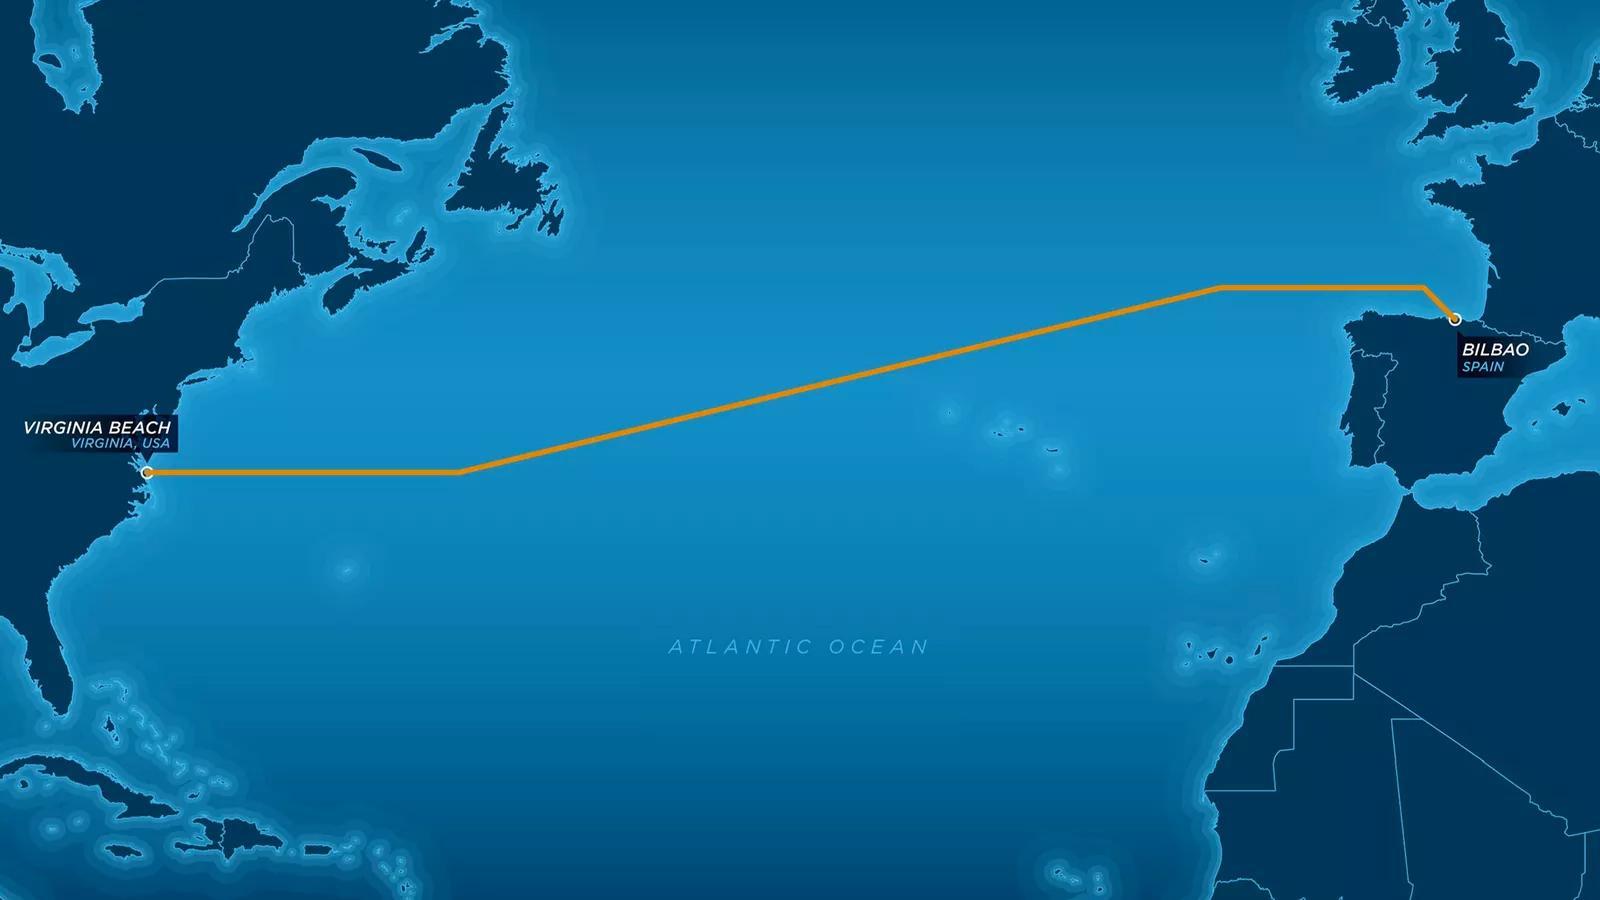 По дну океана проложен кабель с рекордными характеристиками